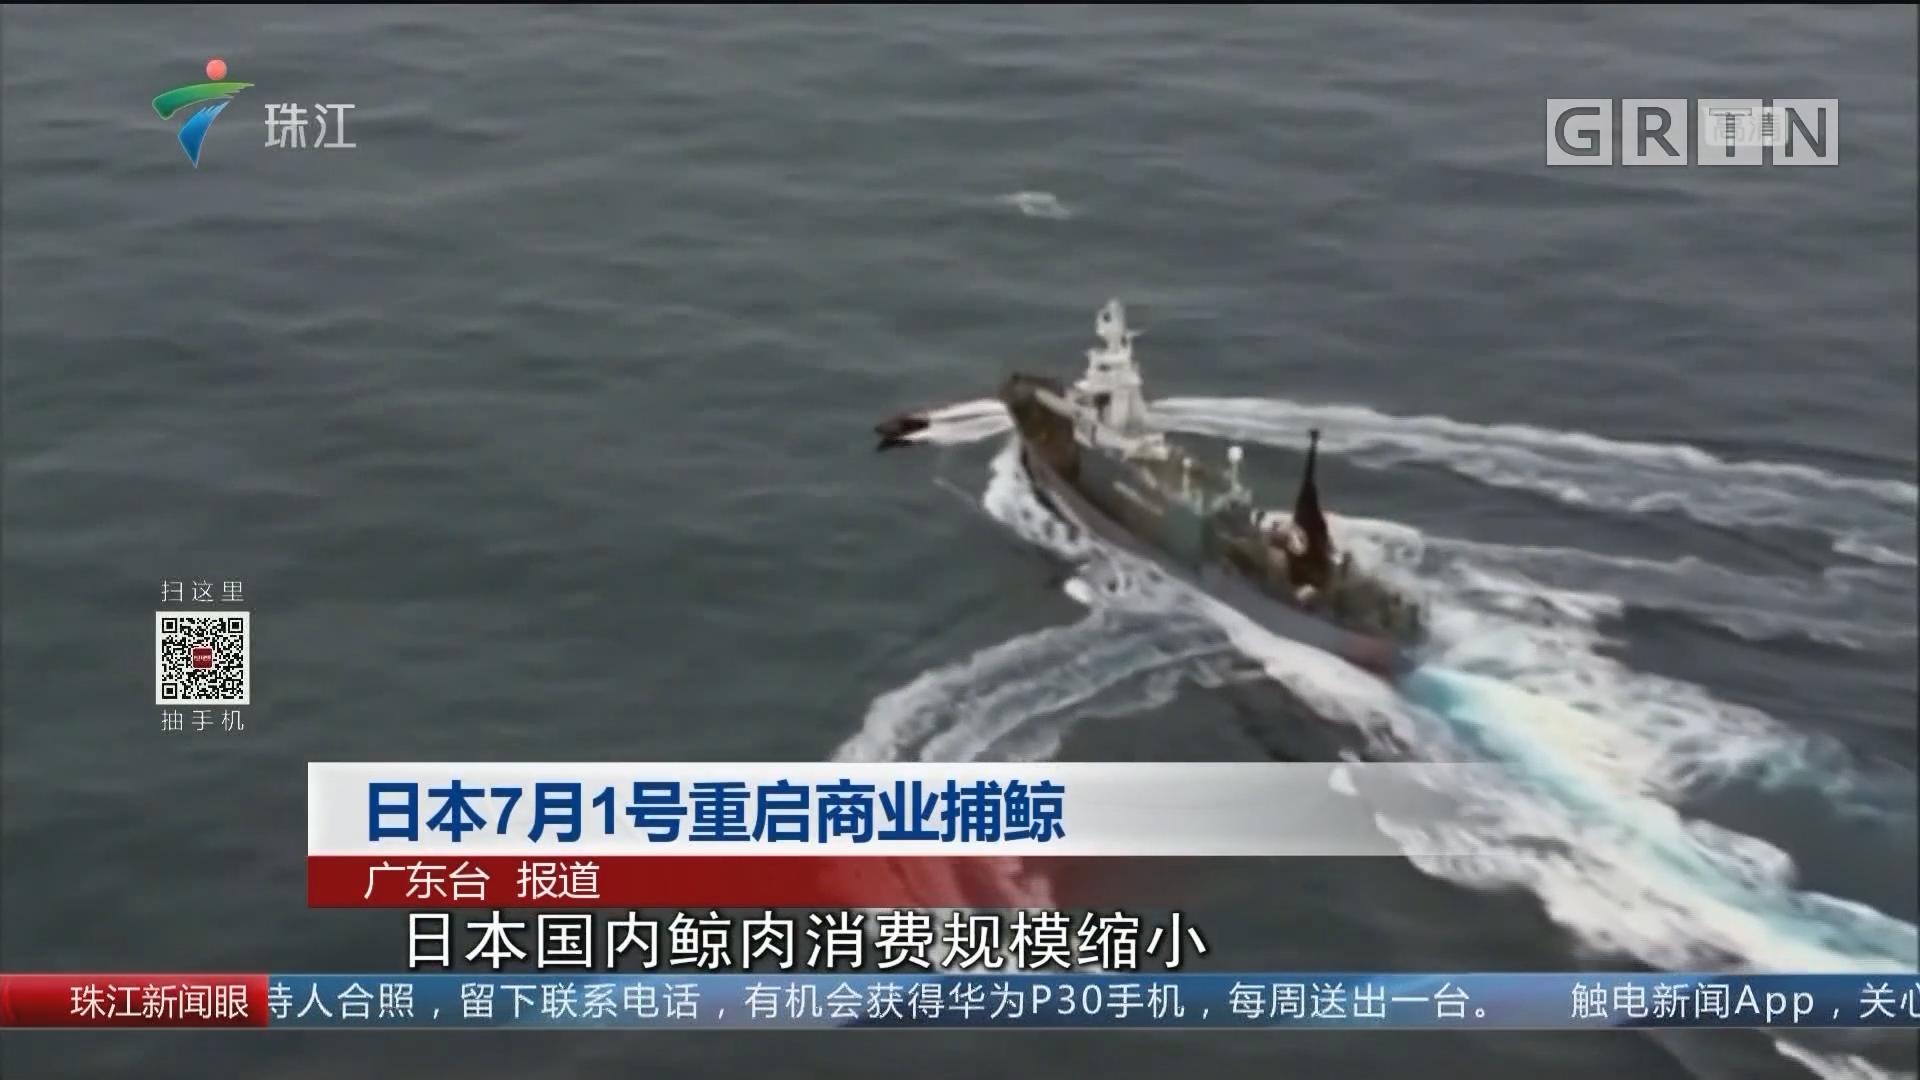 日本7月1号重启商业捕鲸